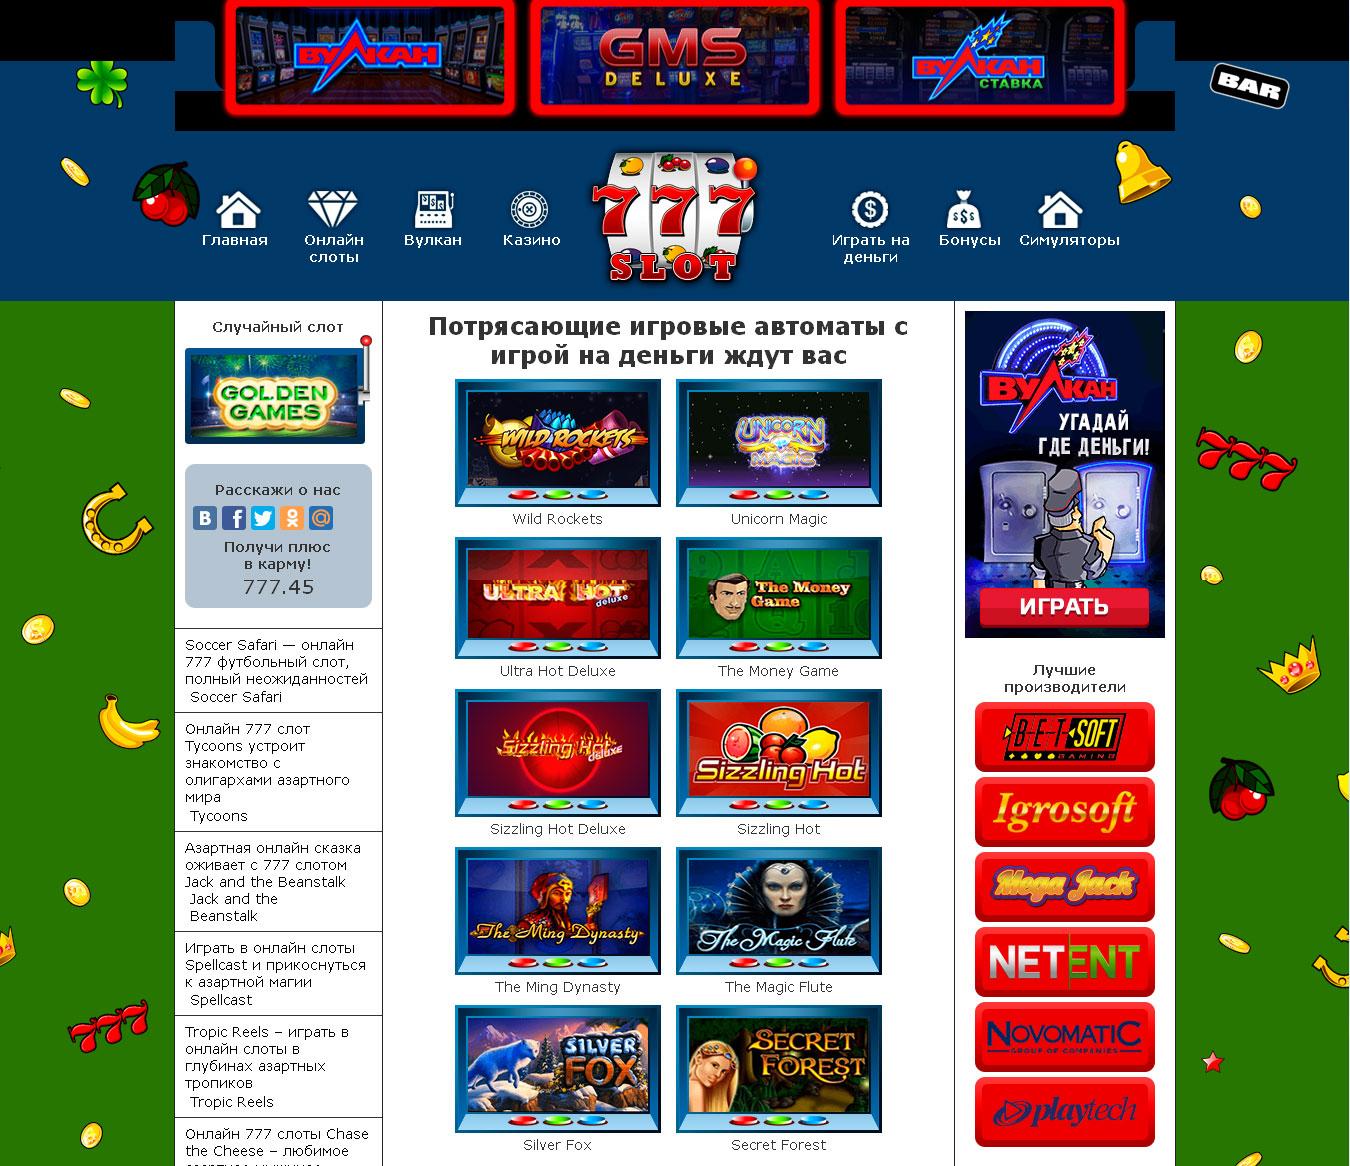 игровые автоматы с игрой на деньги ждут вас